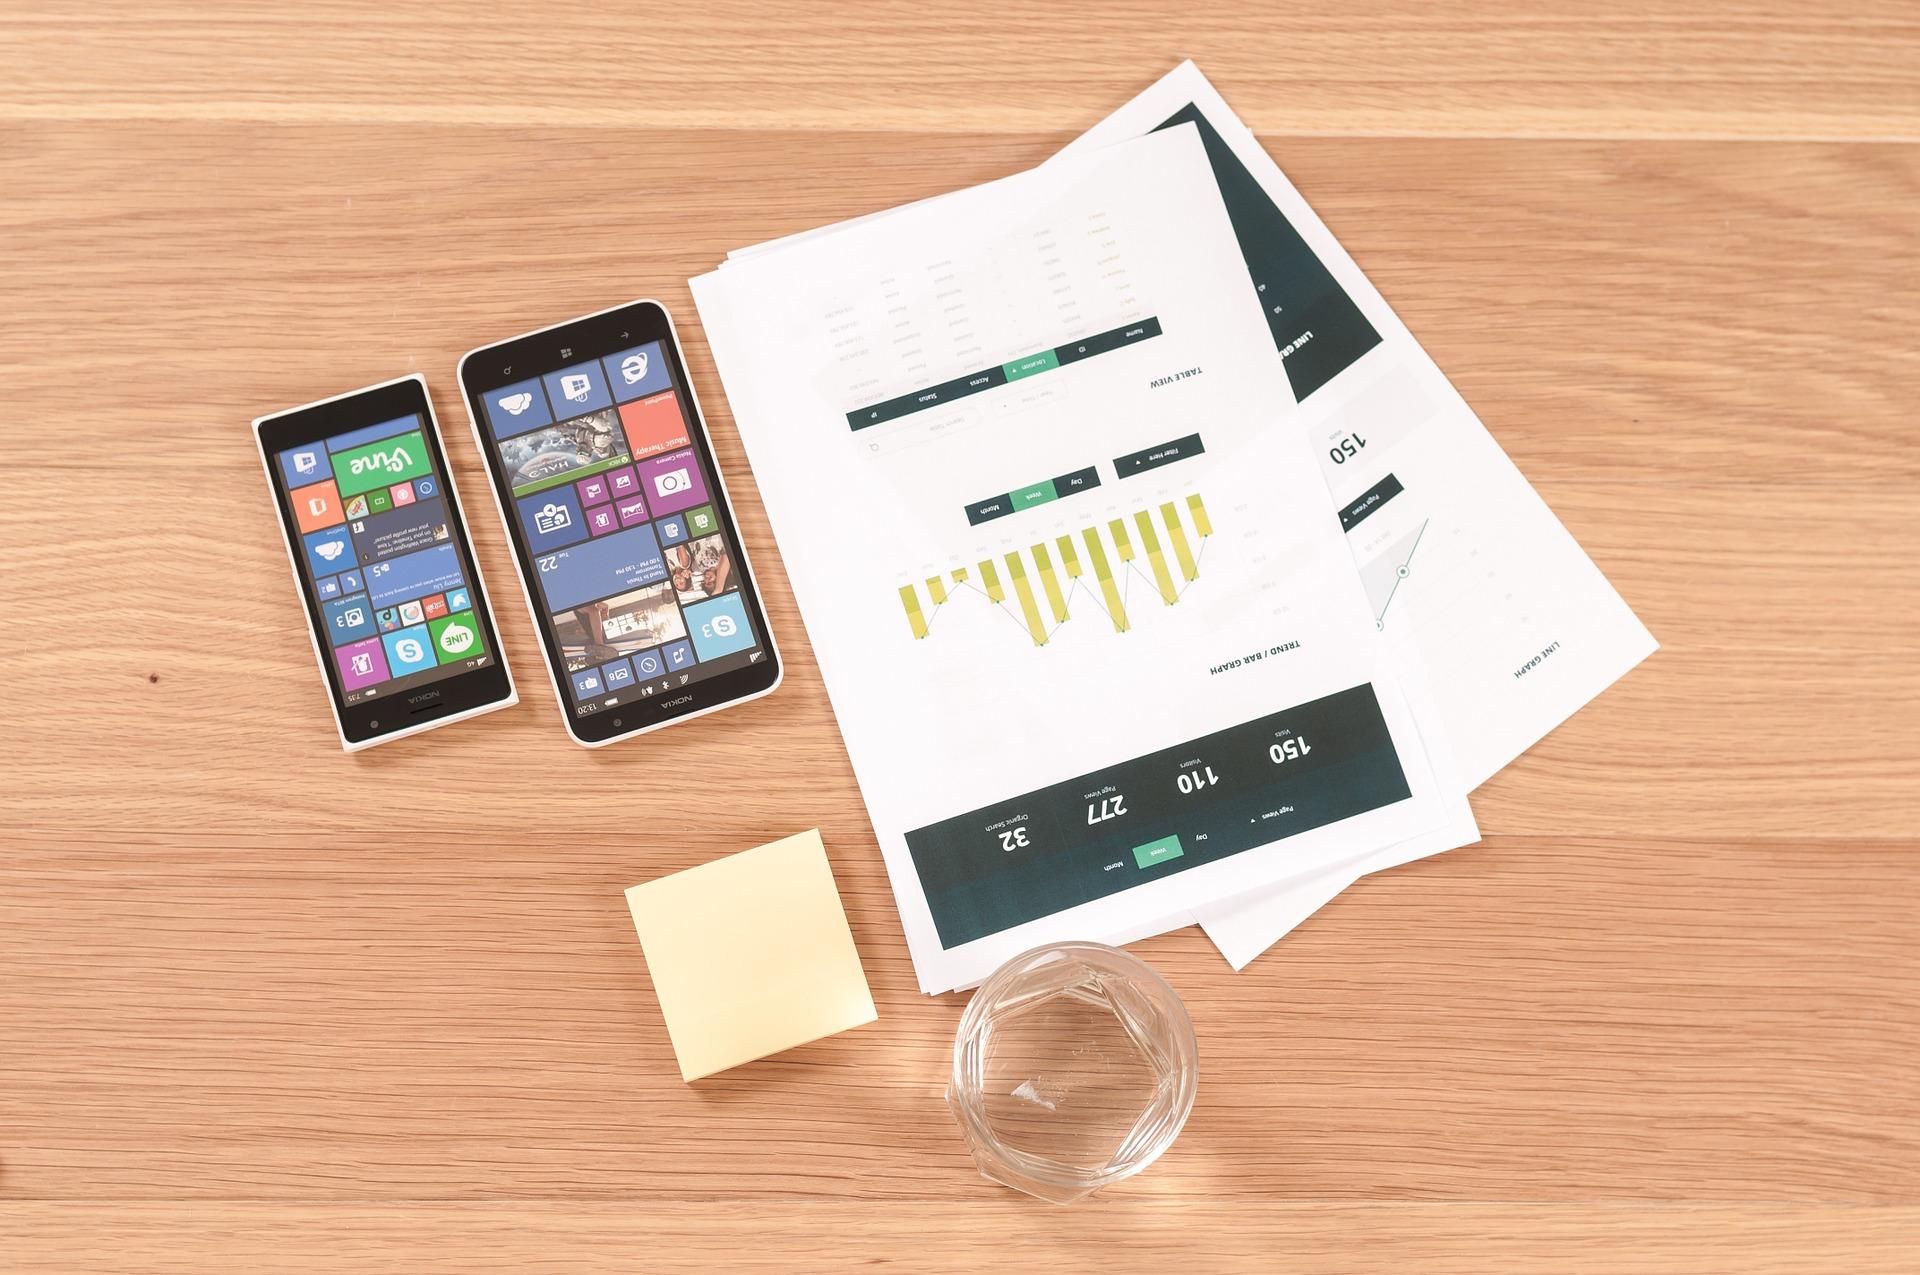 האם לקחת יועץ עסקי – מדריך לעצמאי העייף מהוצאות